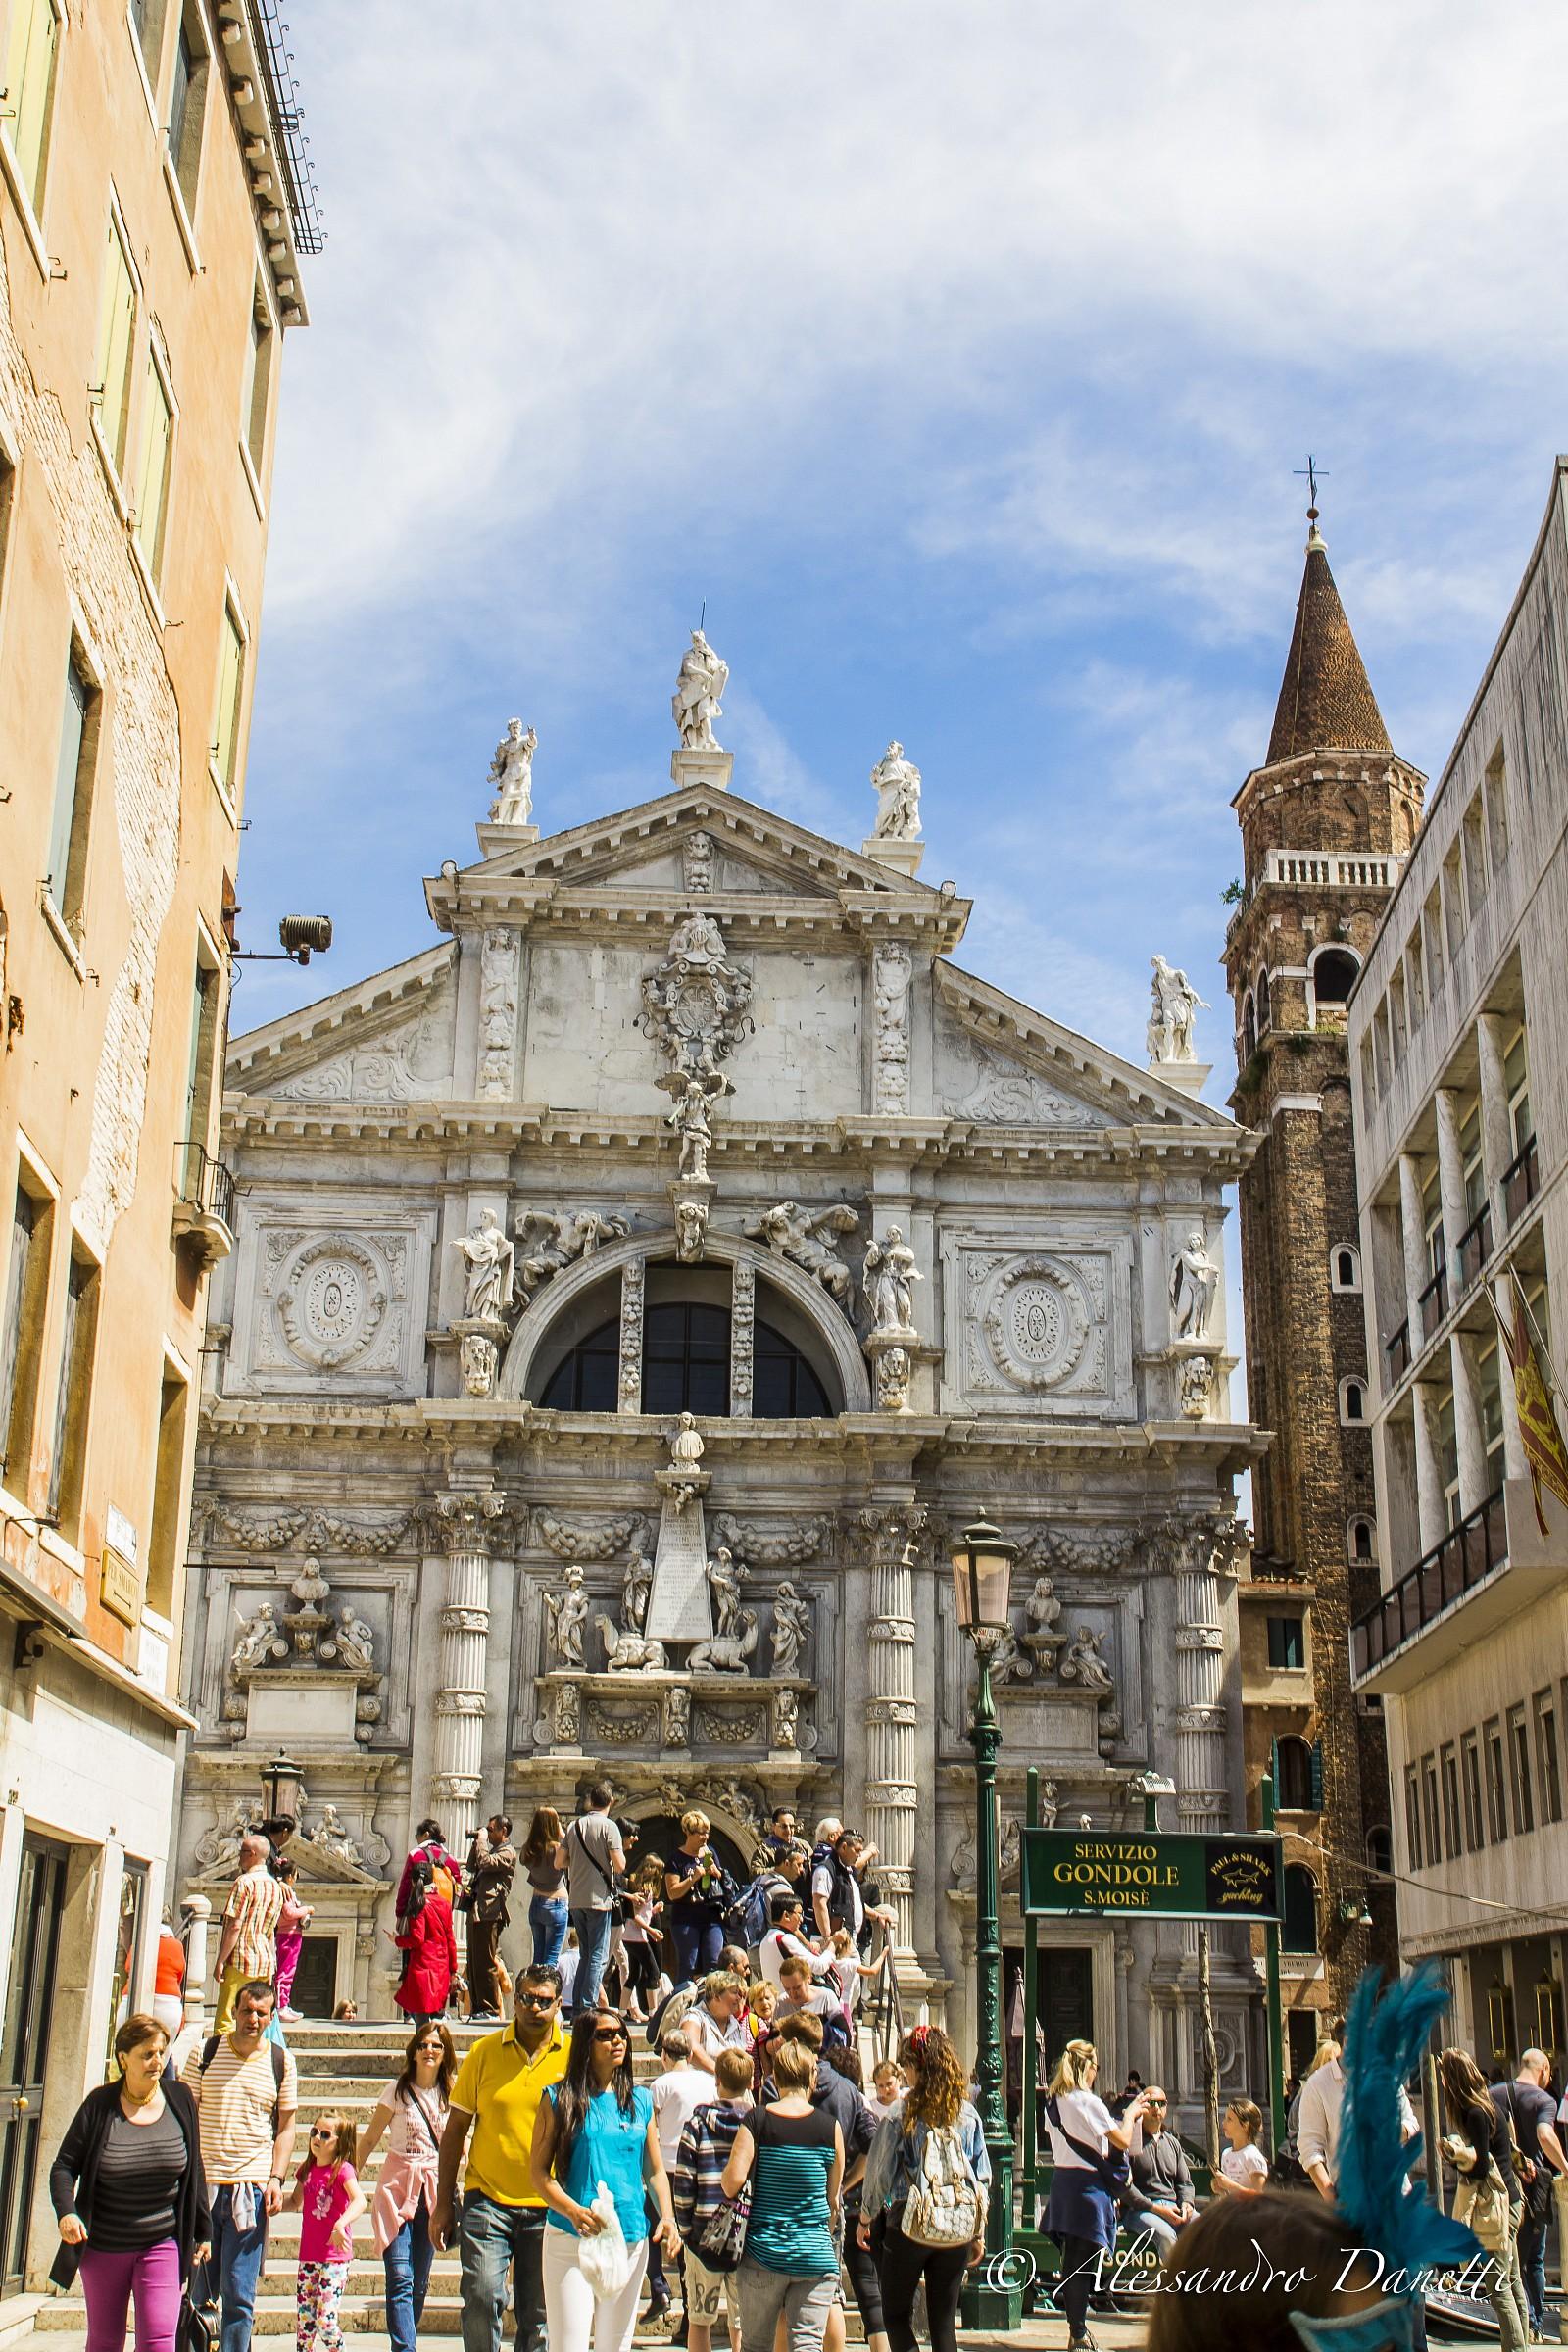 It seems Rome but Venice...